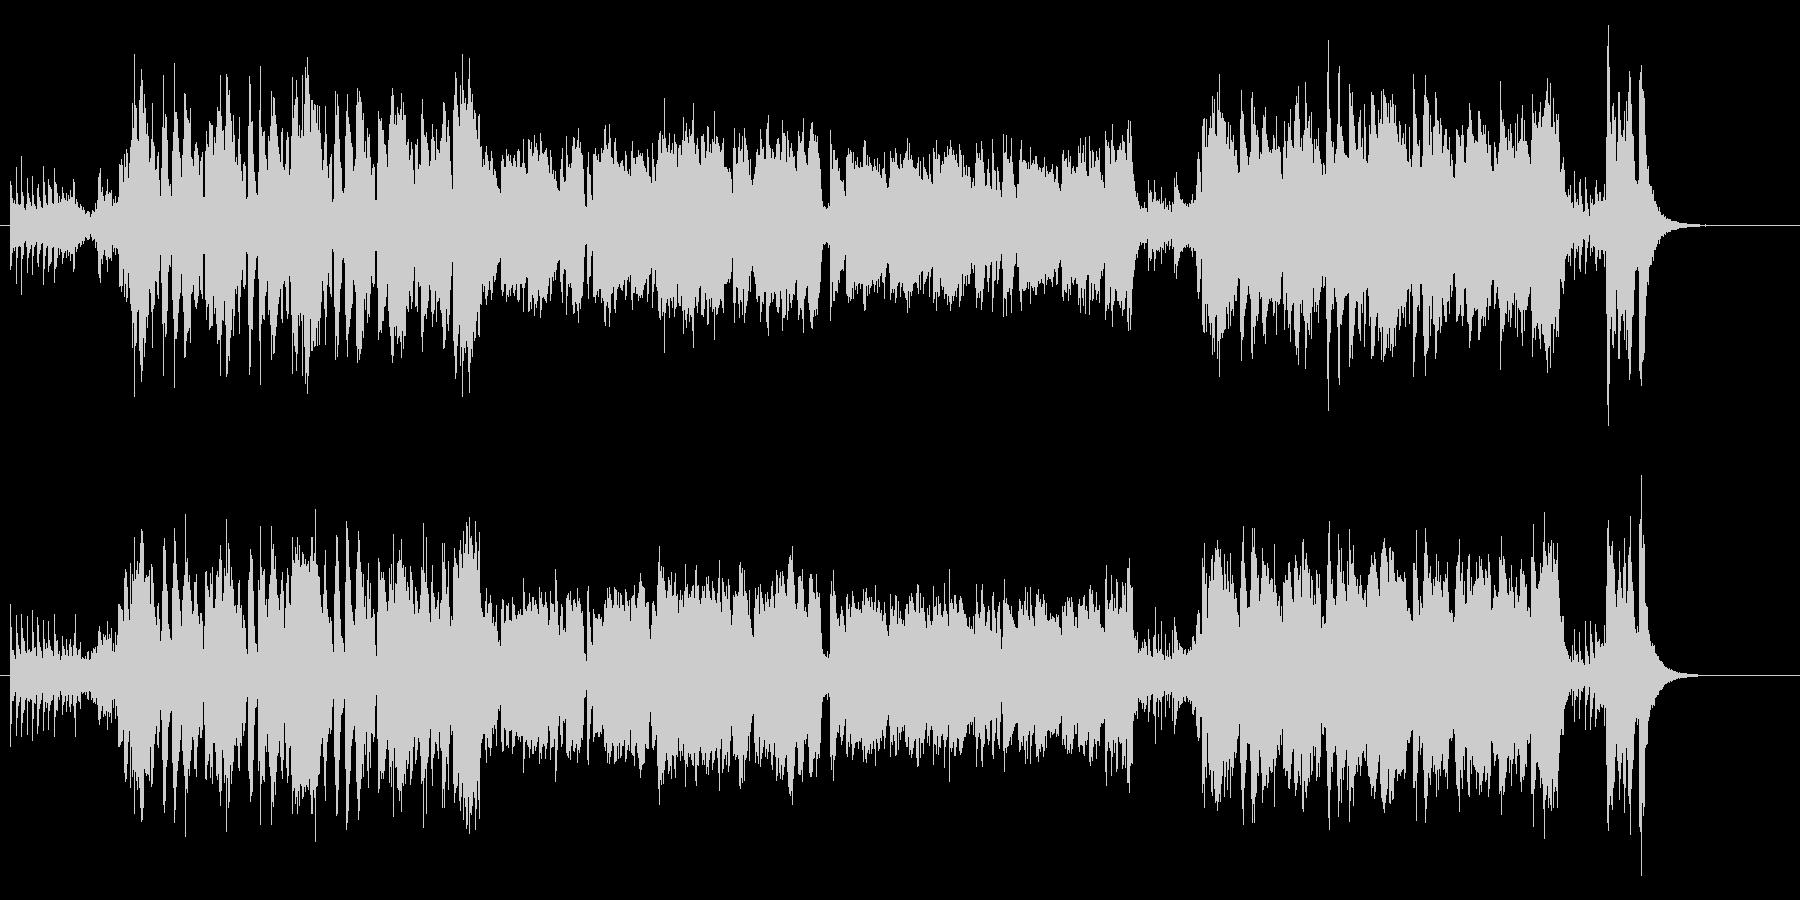 コミカルホラーなBGMの未再生の波形